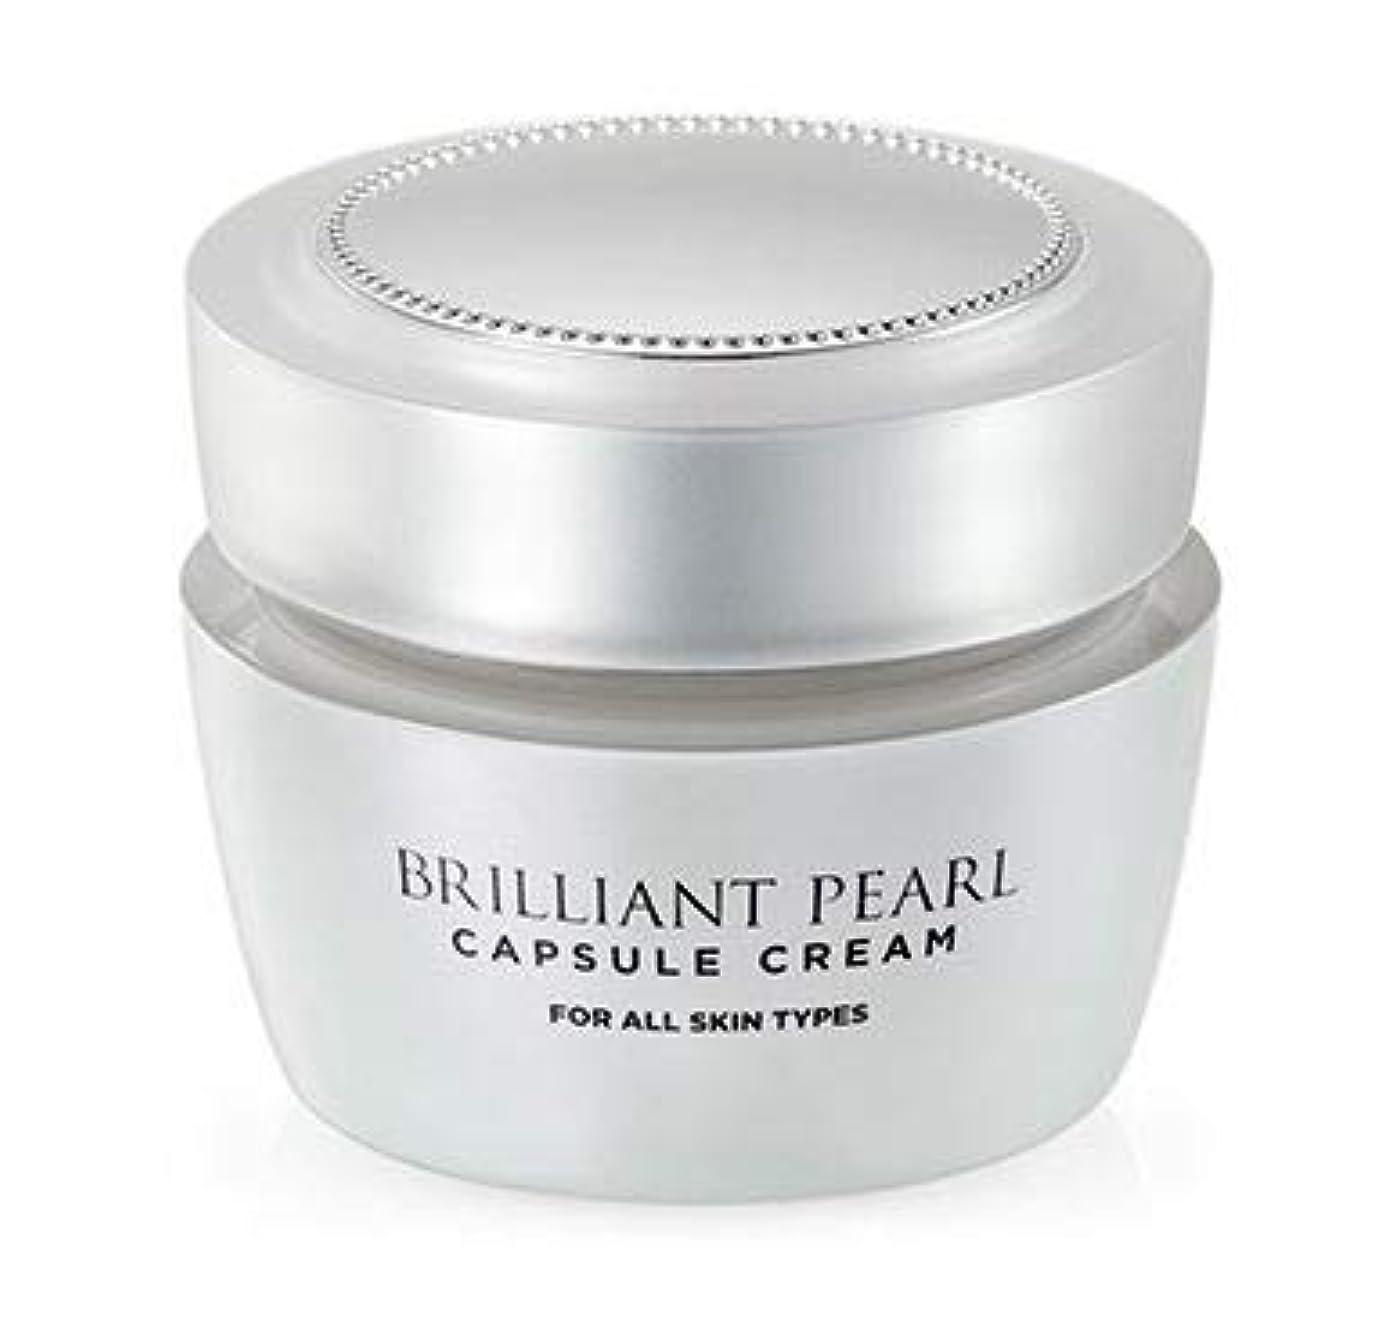 理容室切り下げキュービック[A.H.C] Brilliant Pearl Capsule Cream 50g /ブリリアントパールカプセルクリーム50g [並行輸入品]